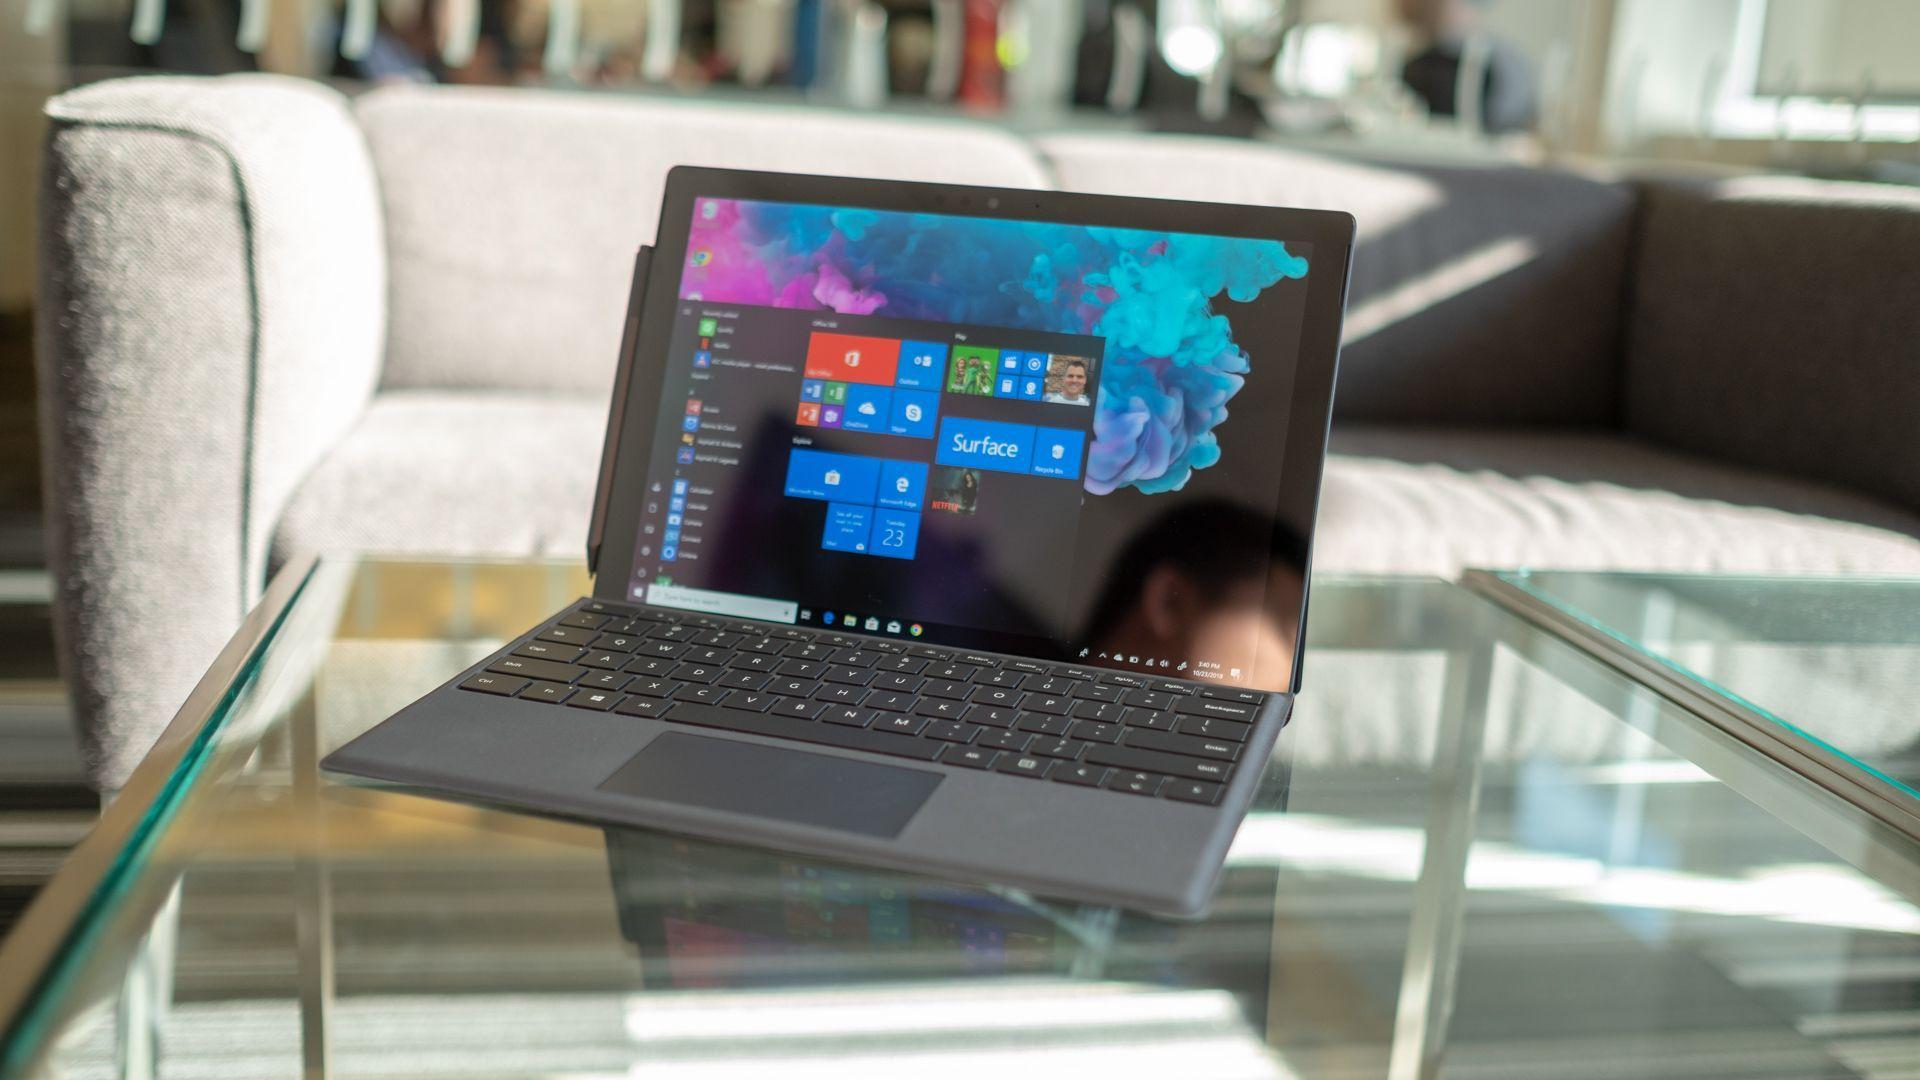 مايكروسوفت تعترف بمشكلة ضغط المعالج على أجهزة Surface Microsoft Surface Windows Tablet Surface Pro